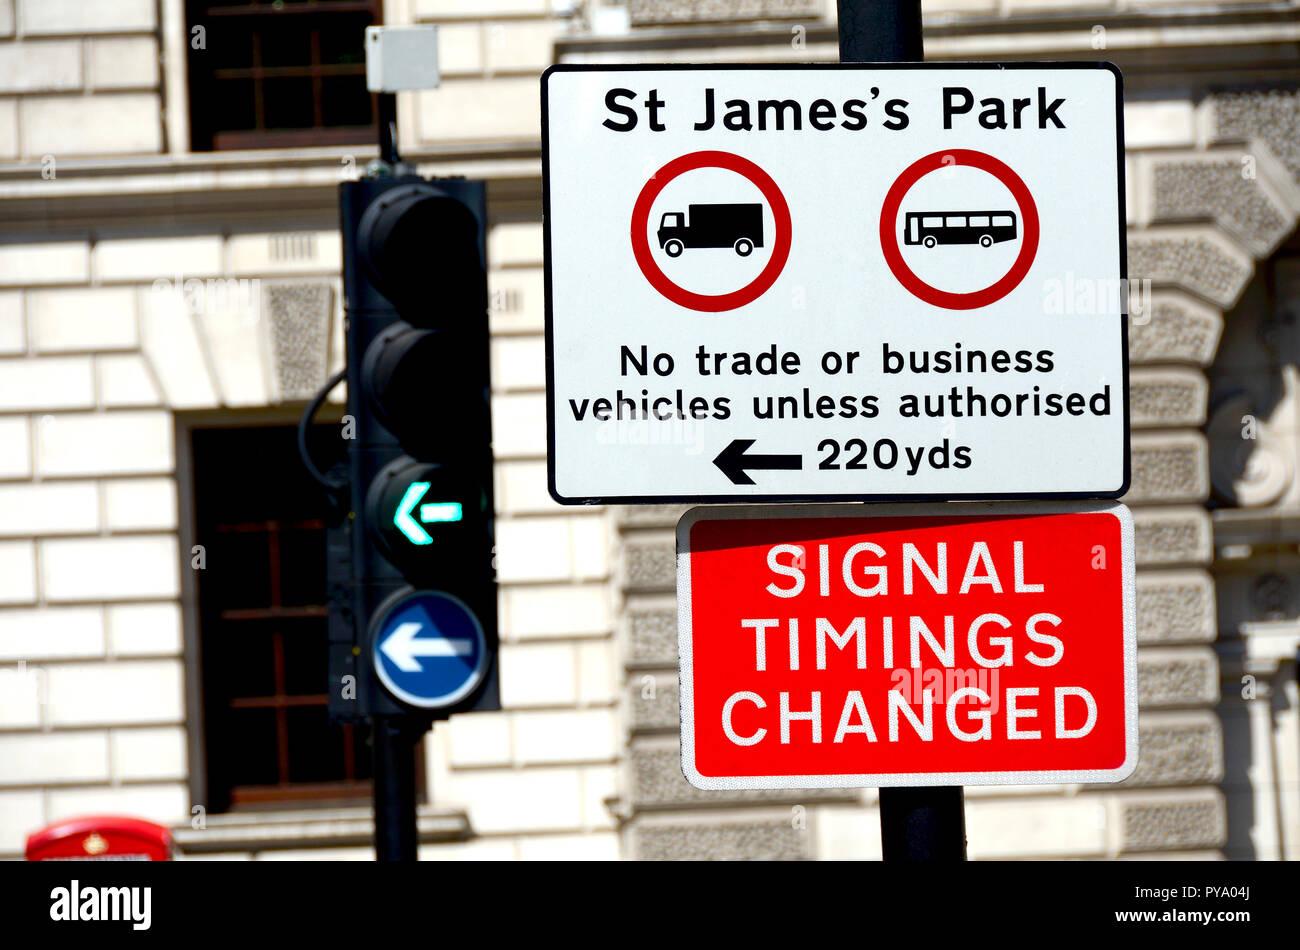 Verkehrszeichen in der Nähe von St James's Park, London, England, UK. Stockbild